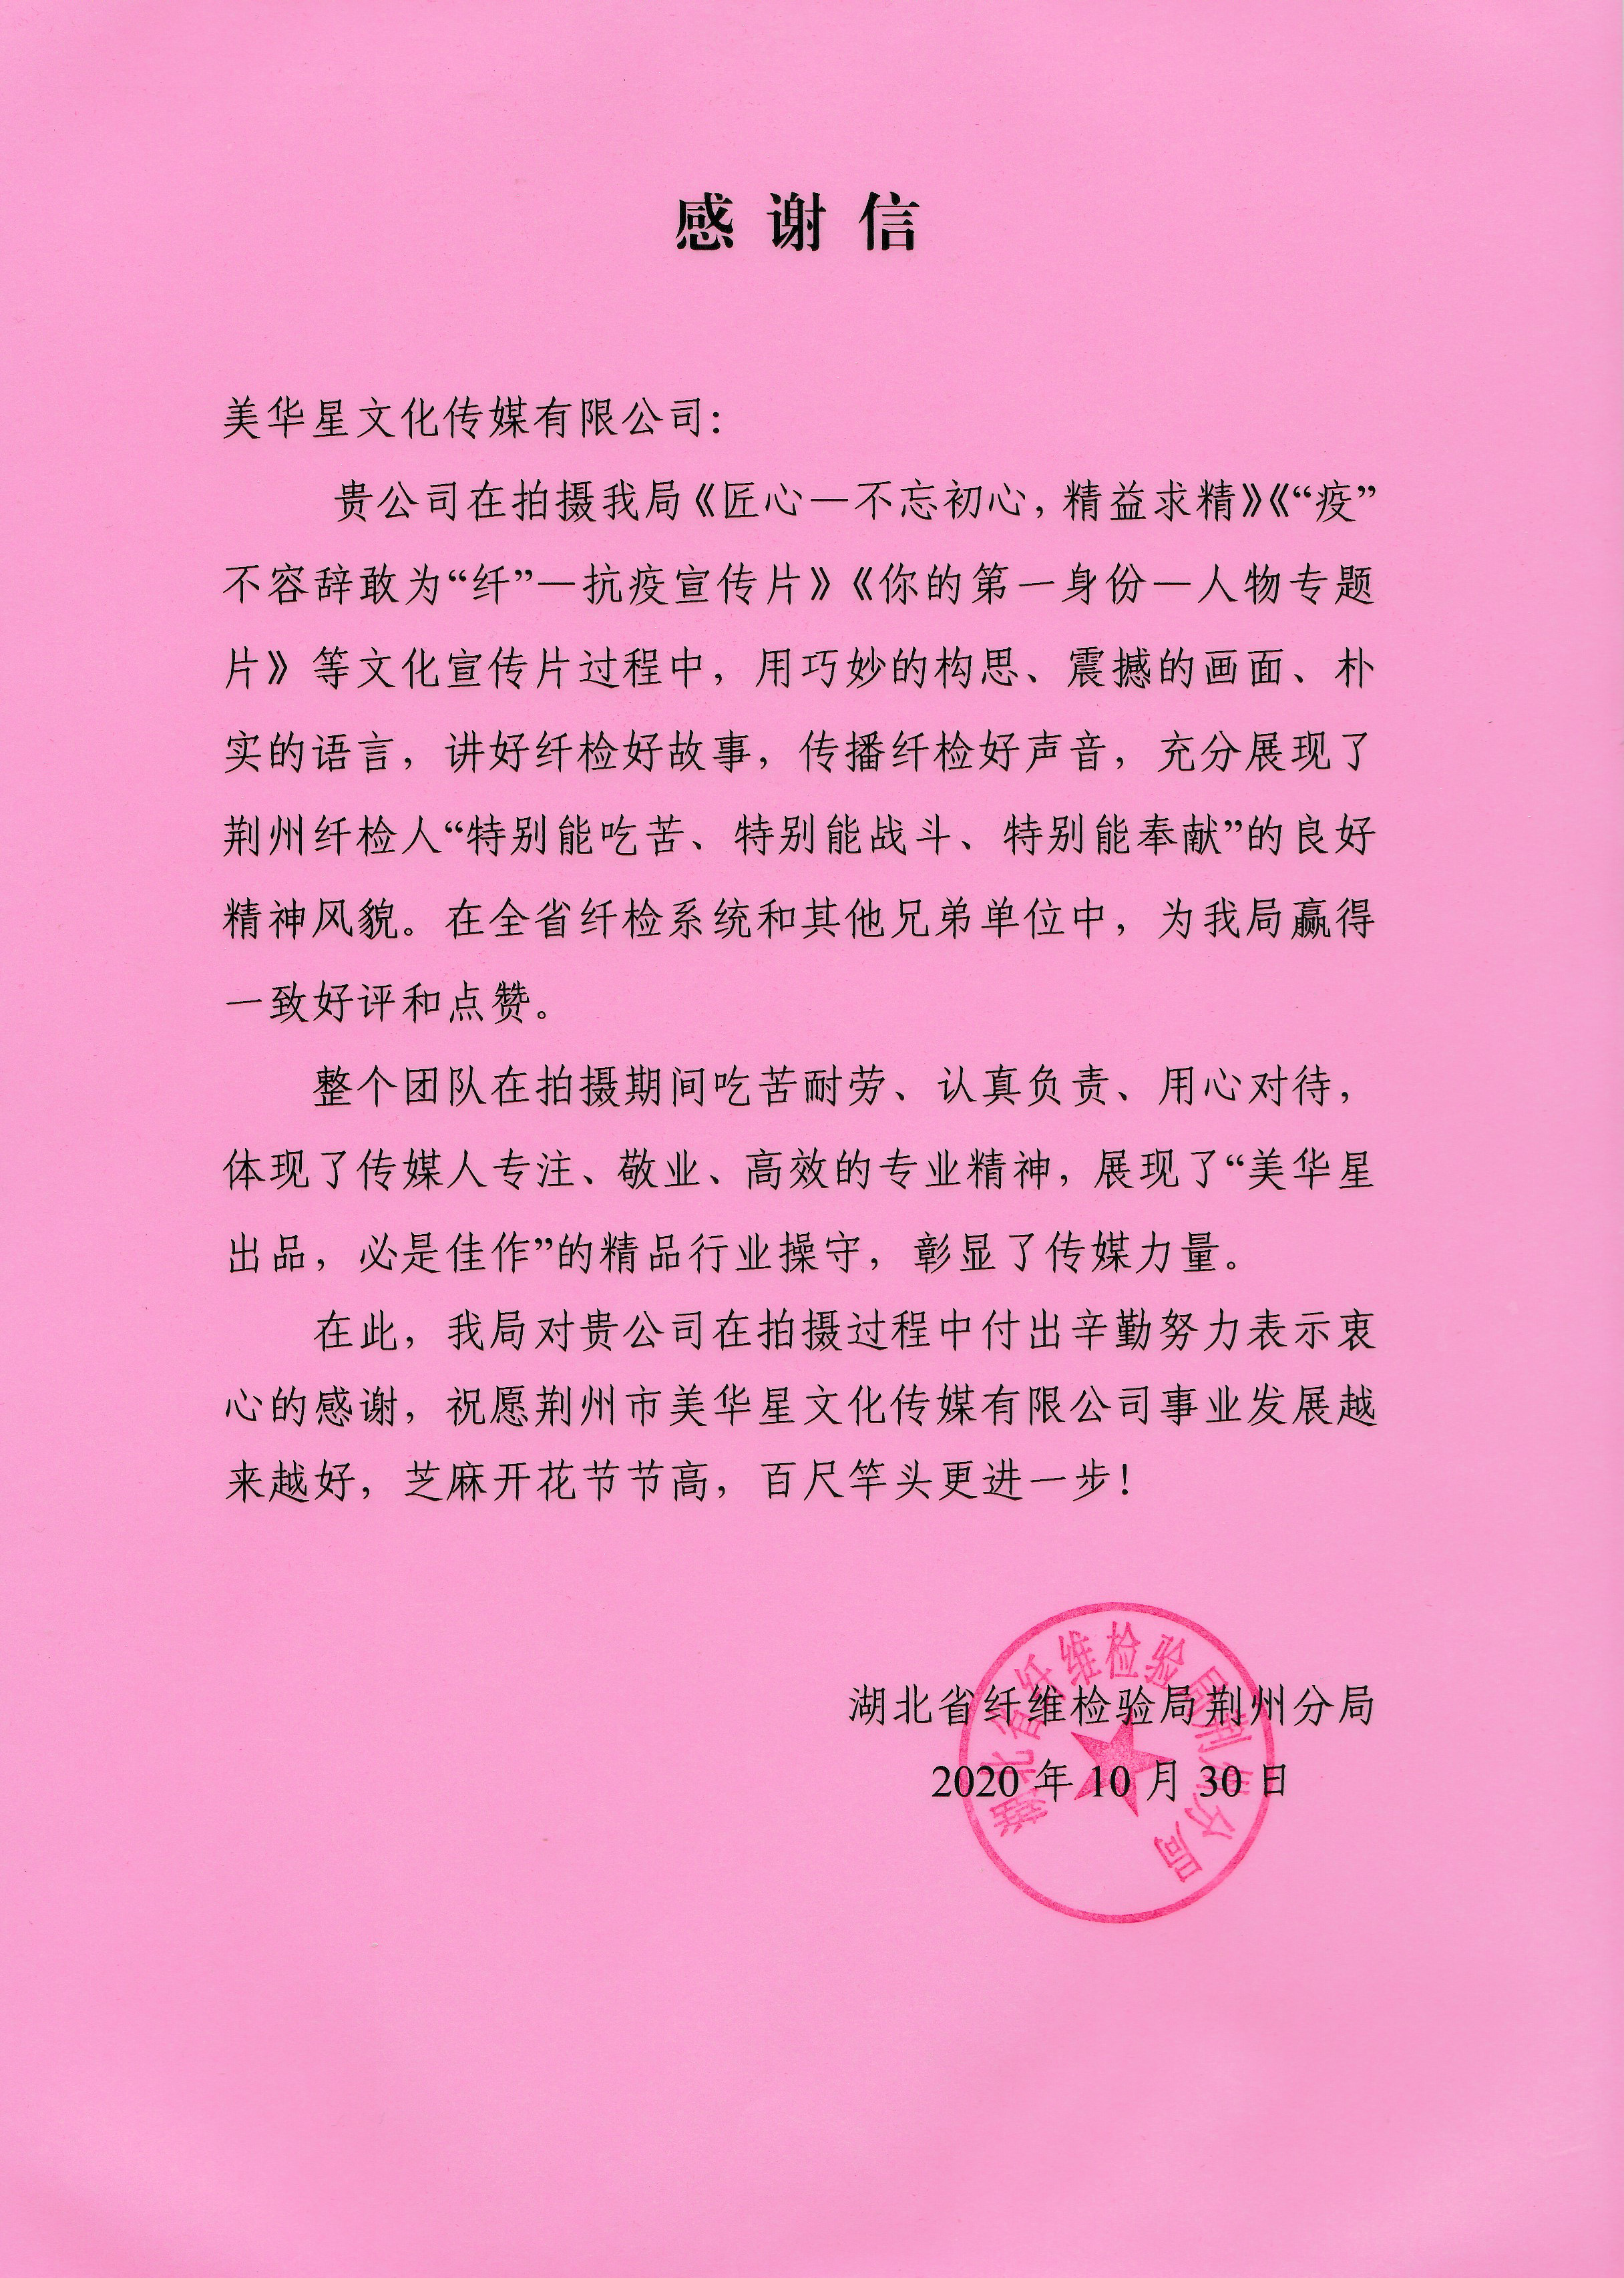 湖北省纤维检验局荆州分局_20201125_095817562